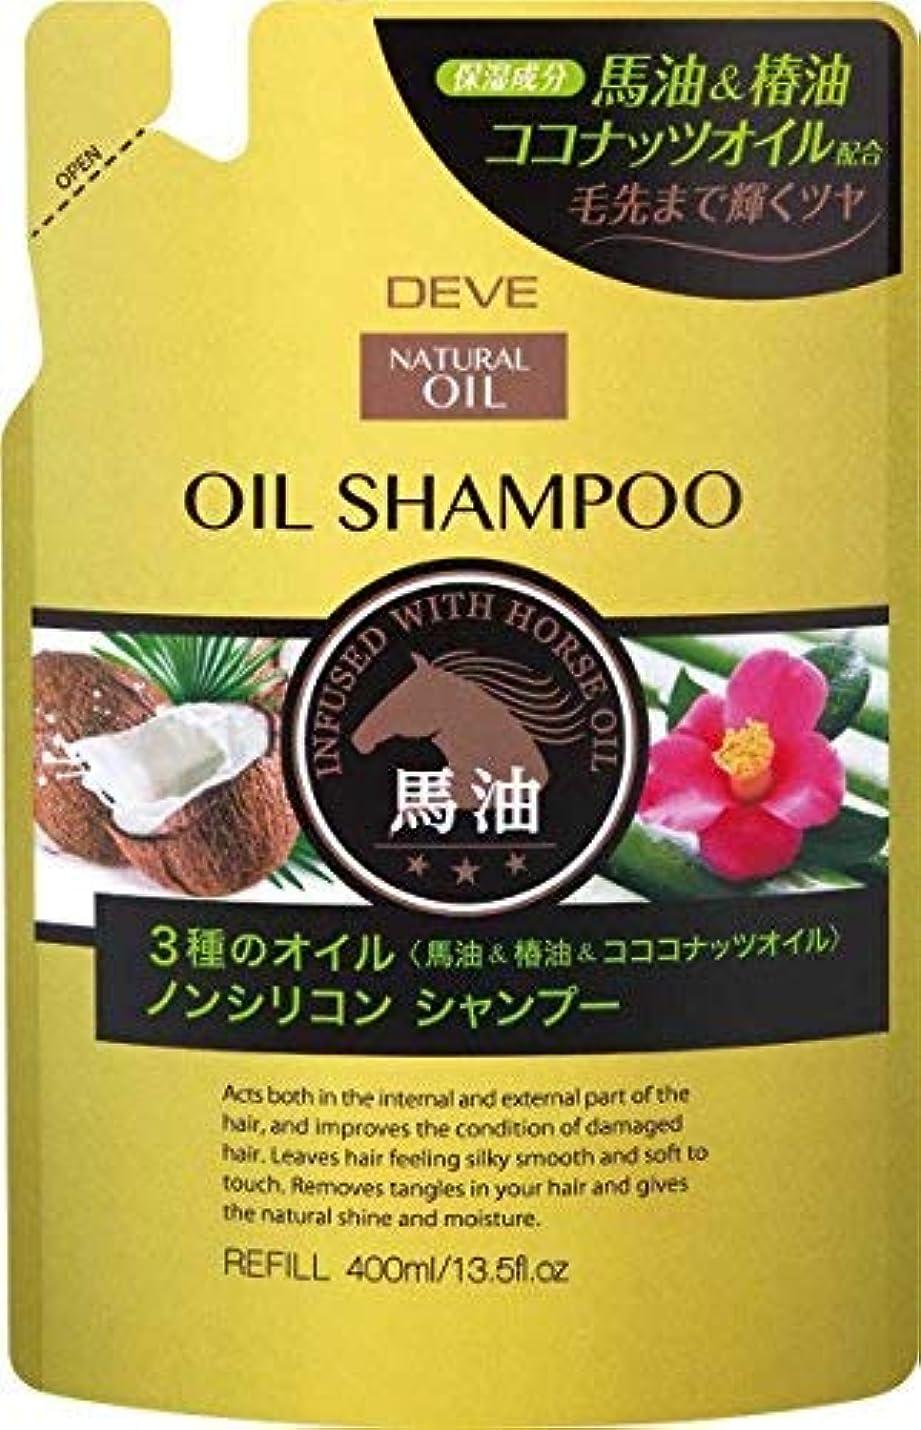 処方連続したコンテスト熊野油脂 ディブ 3種のオイルシャンプー(馬油?椿油?ココナッツオイル)400ml × 24点